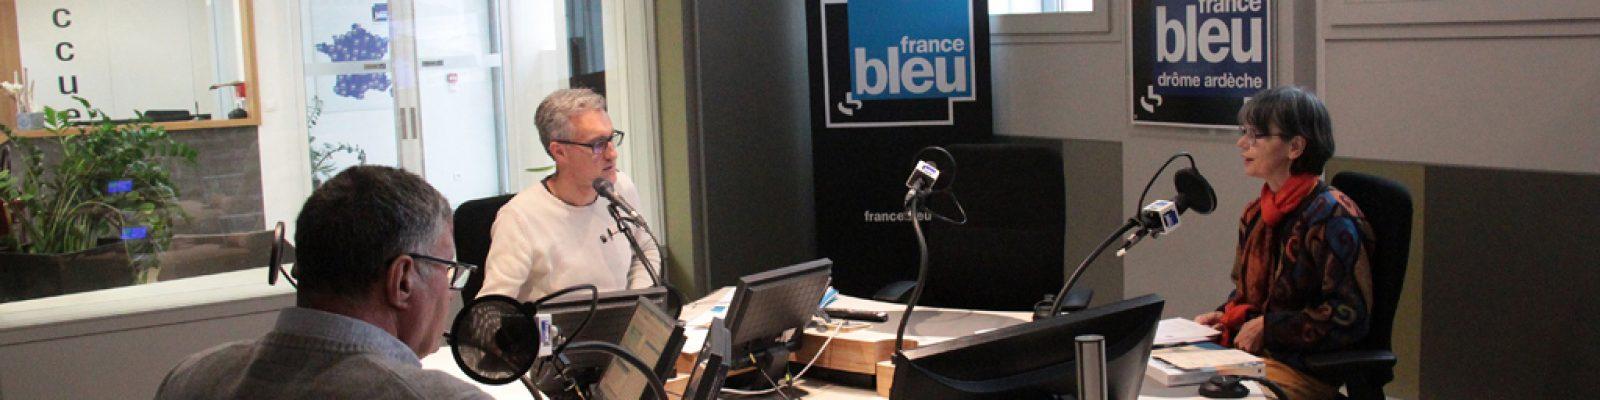 Intervention du CDH14-18 à France Bleu Drôme Ardèche